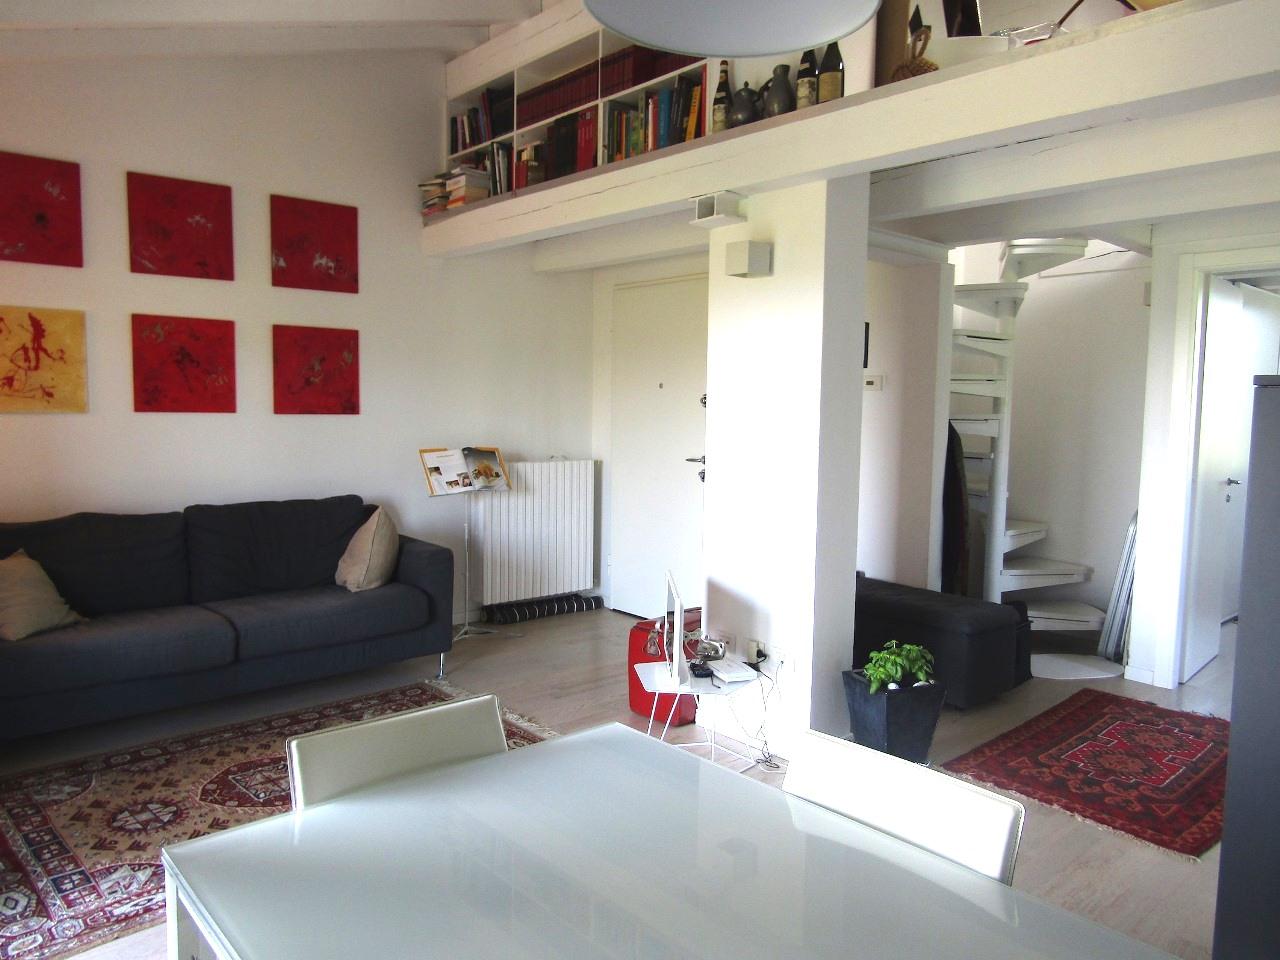 Appartamento da ristrutturare post_categories_options/property_options.data.interior_decoration.data.20 in vendita Rif. 11665577